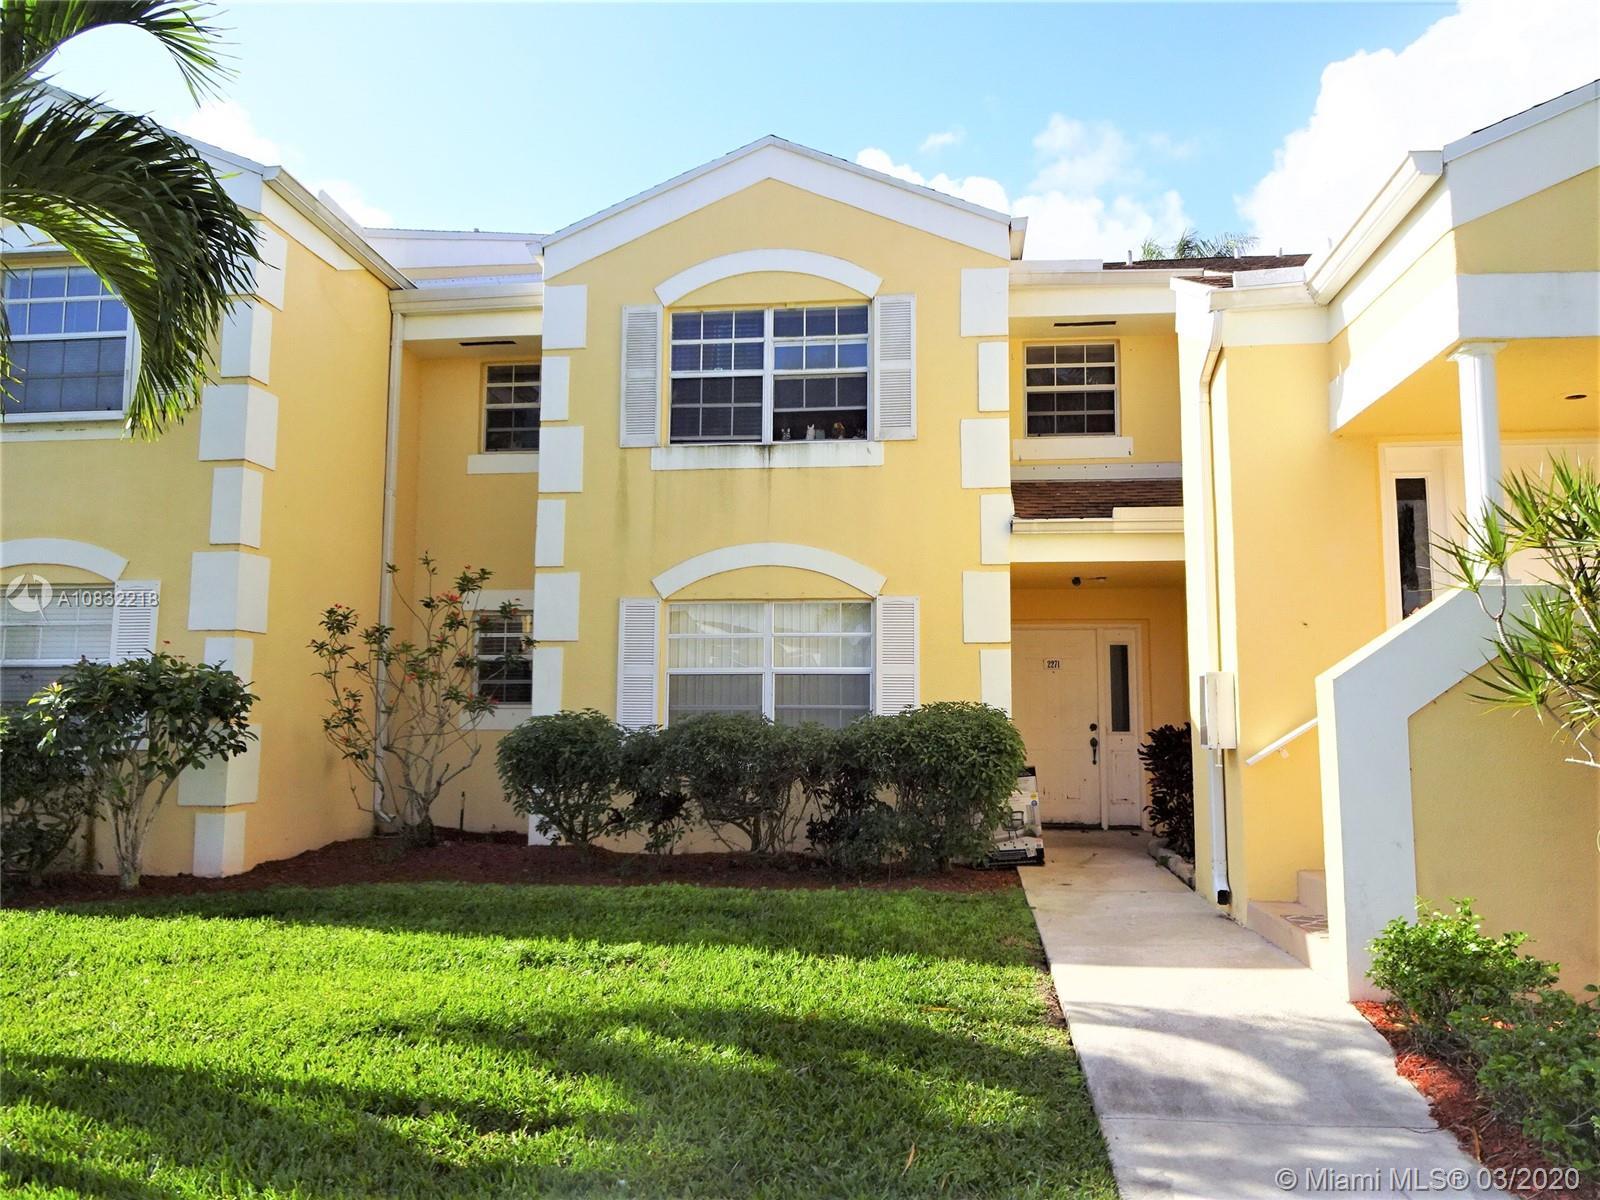 2271 SE 27 Dr #104-F, Homestead, FL 33035 - Homestead, FL real estate listing